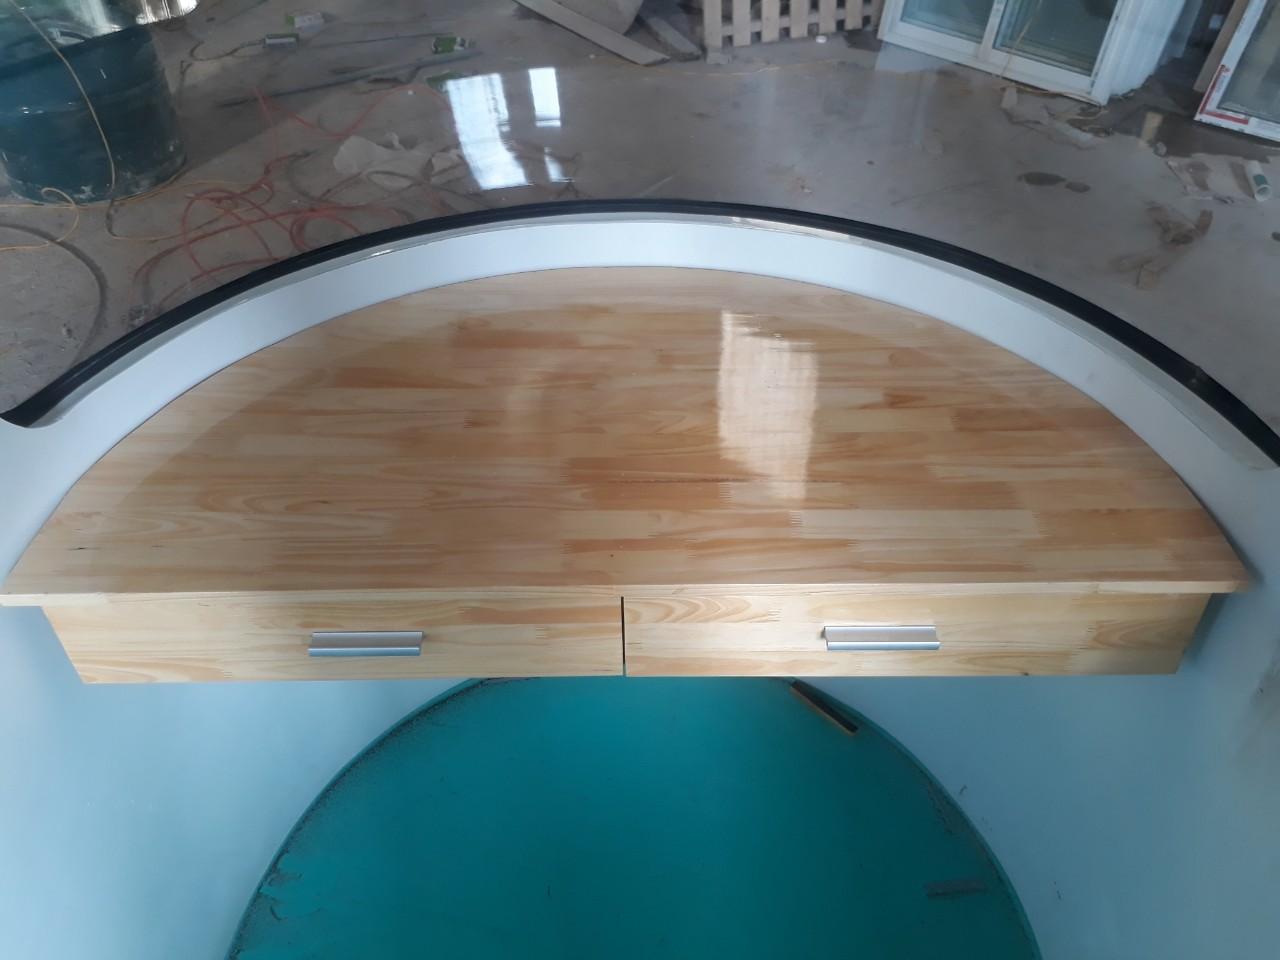 Nội thất đúc liền khối với bàn làm việc bằng gỗ tự nhiên bề mặt tiêu chuẩn nội thất AAA